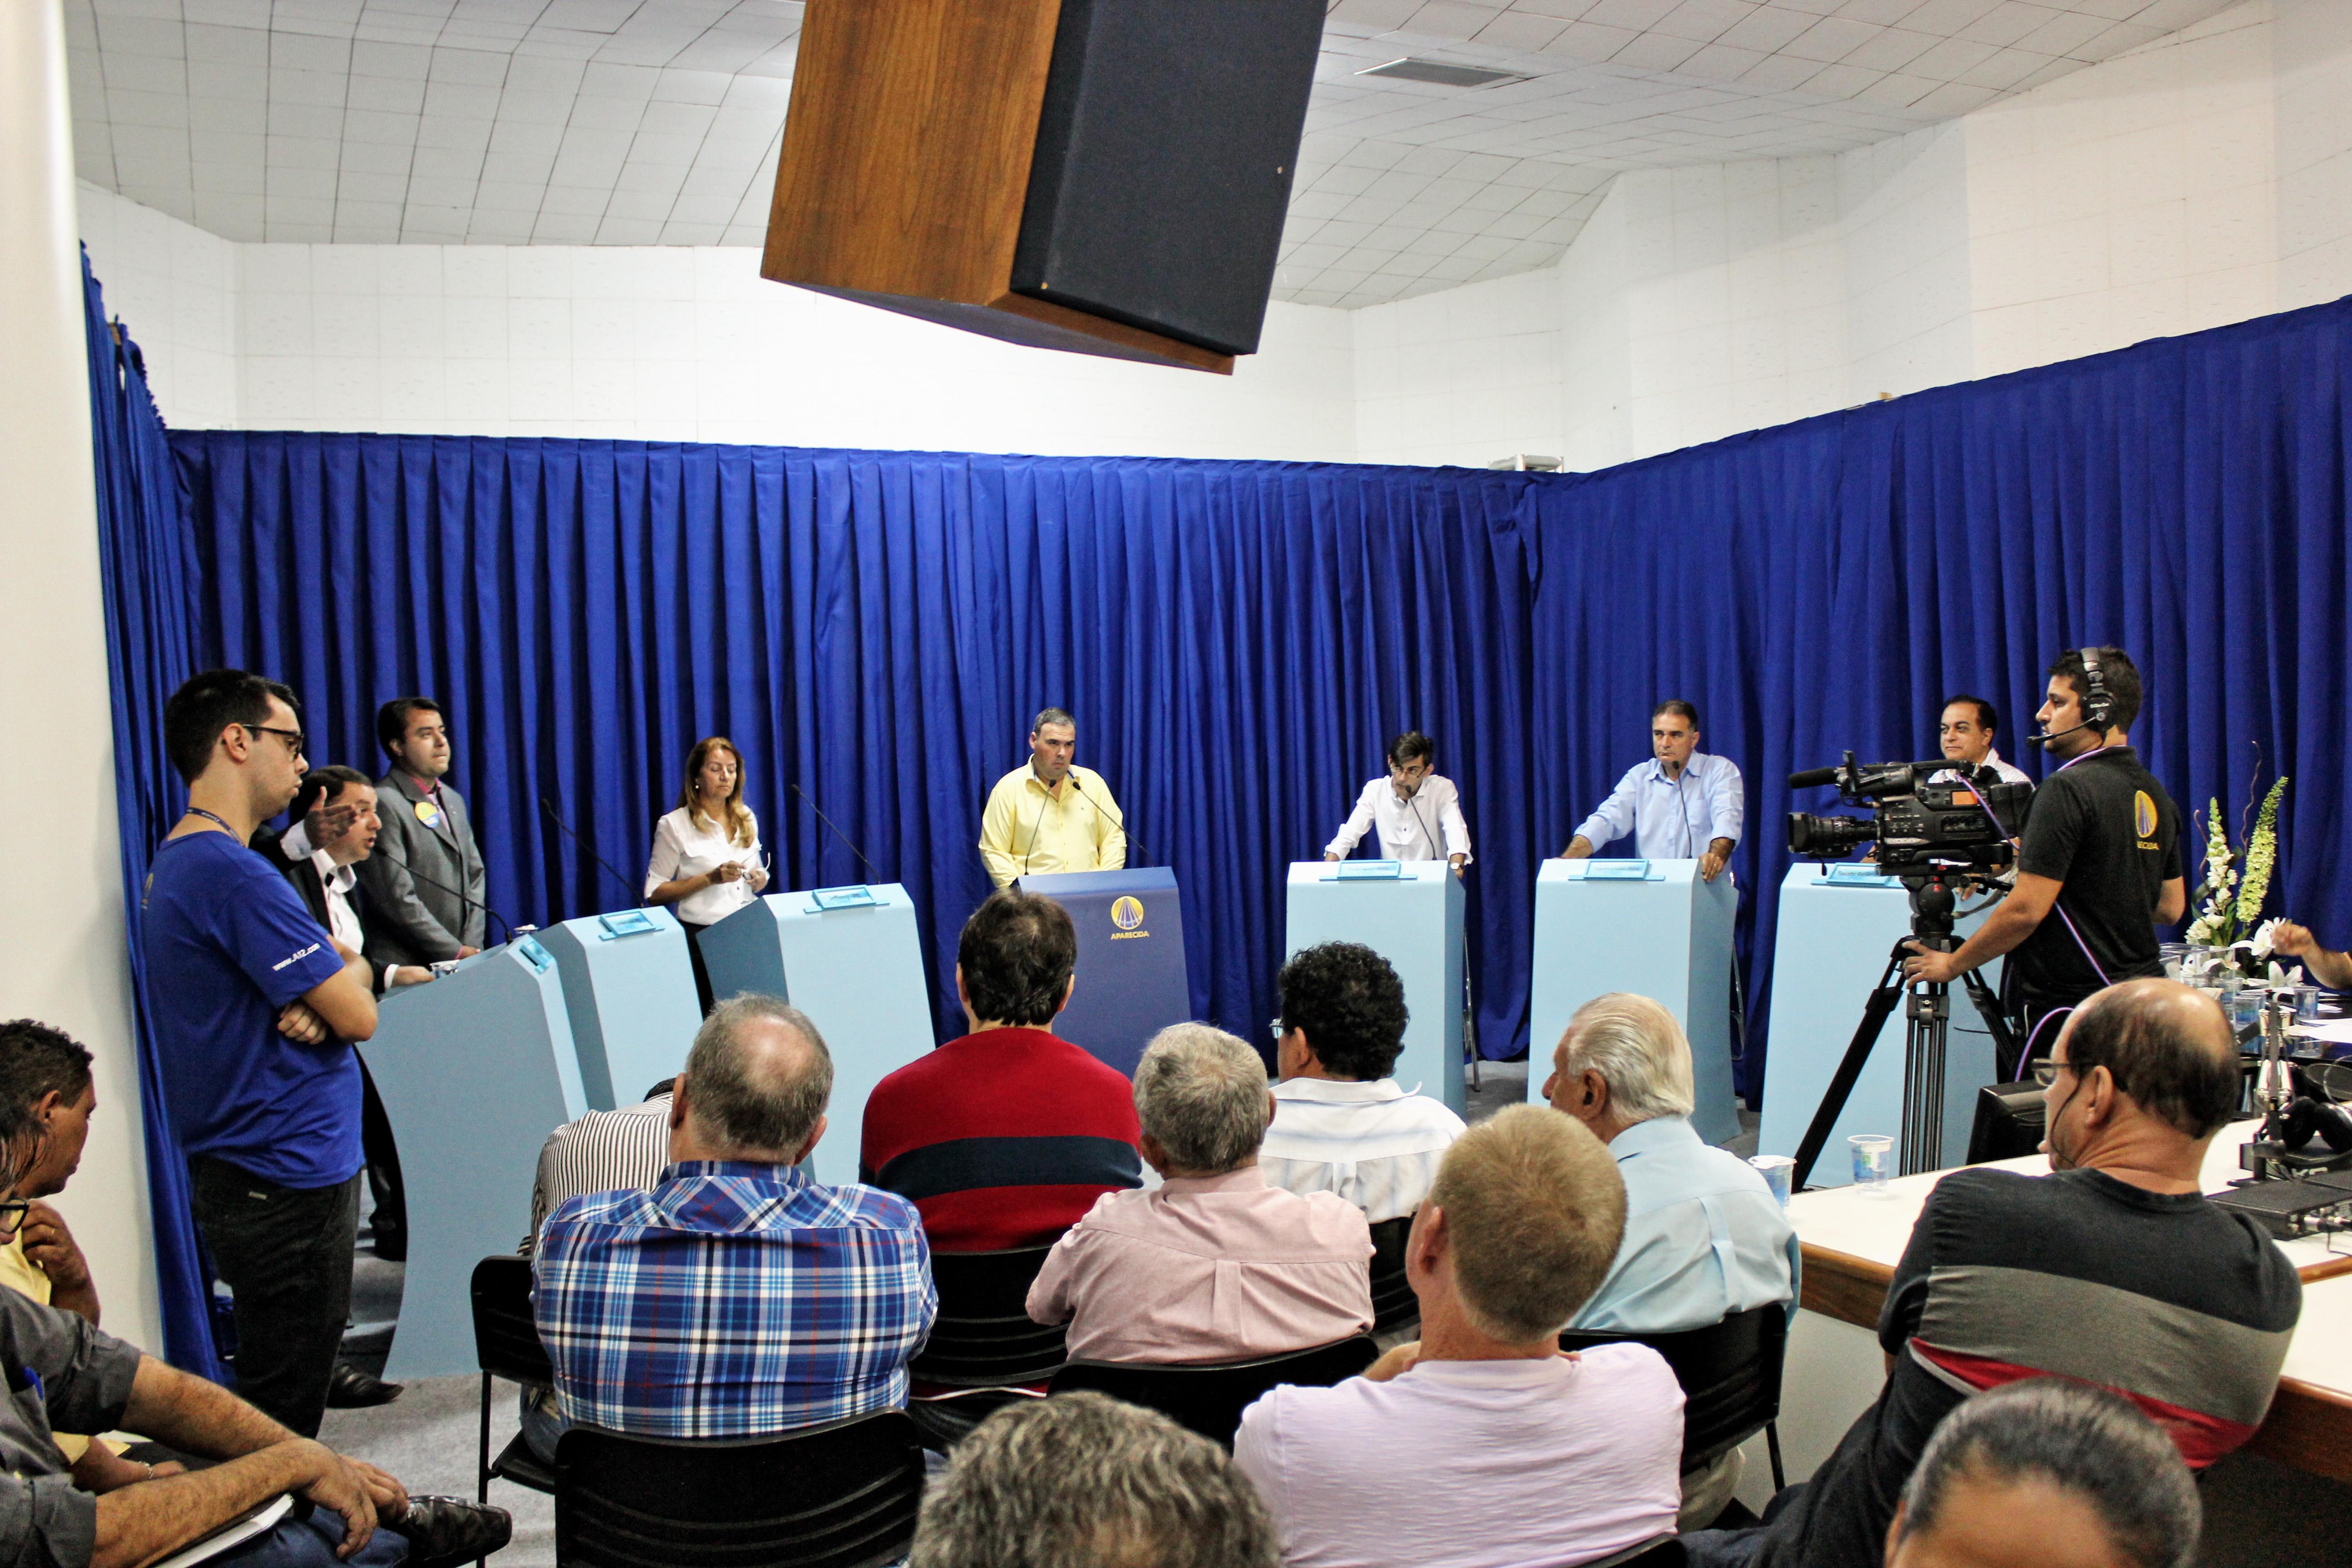 Candidatos participam de debate nos estúdios da Rádio Aparecida; ataques monopolizaram encontro (Foto: Colaboração / Rádio Aparecida)